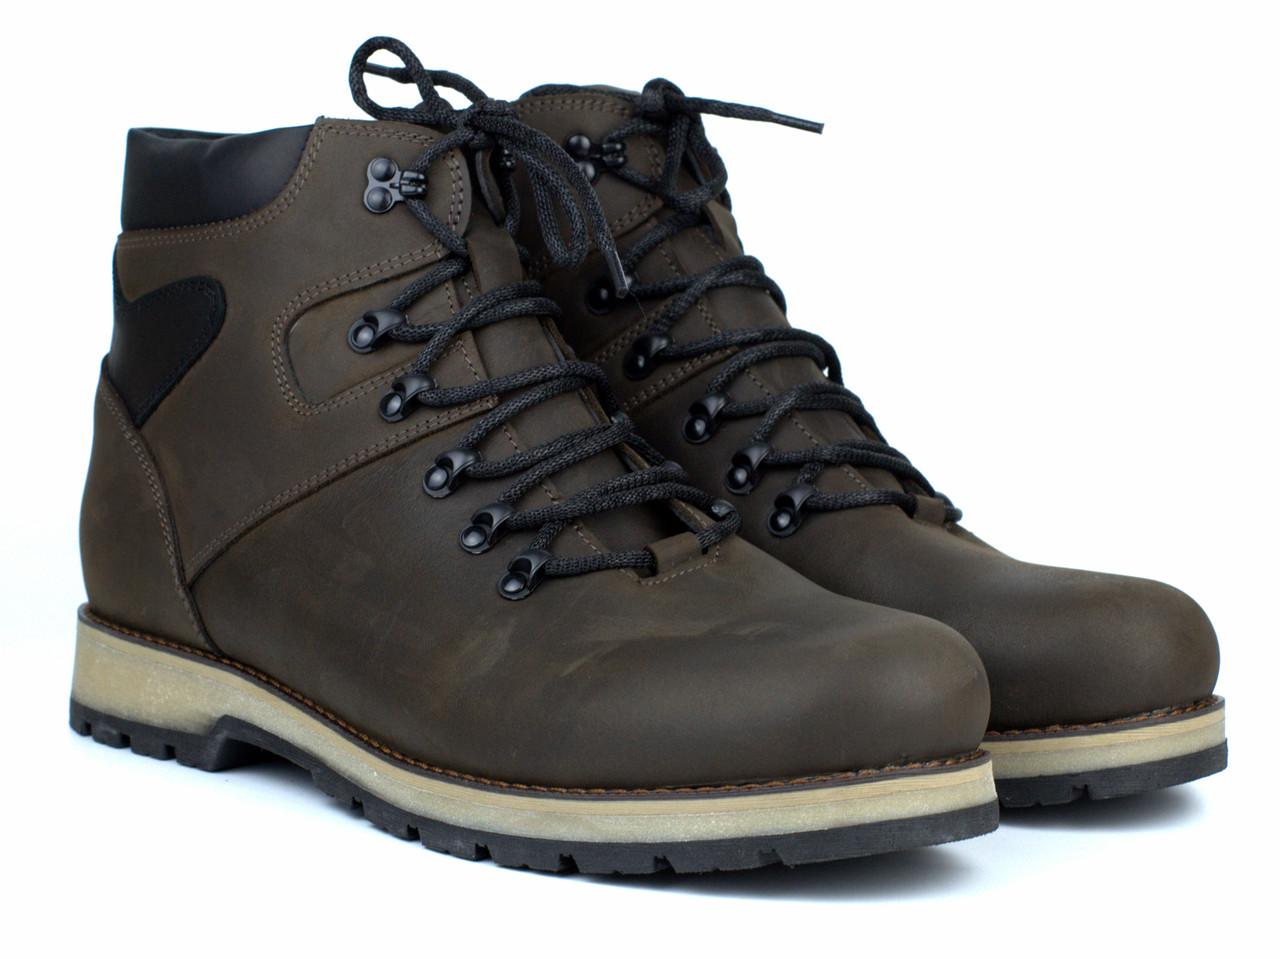 Коричневые ботинки кожаные зимняя мужская обувь больших размеров Rosso Avangard BS Indi Jone 21ST Brown